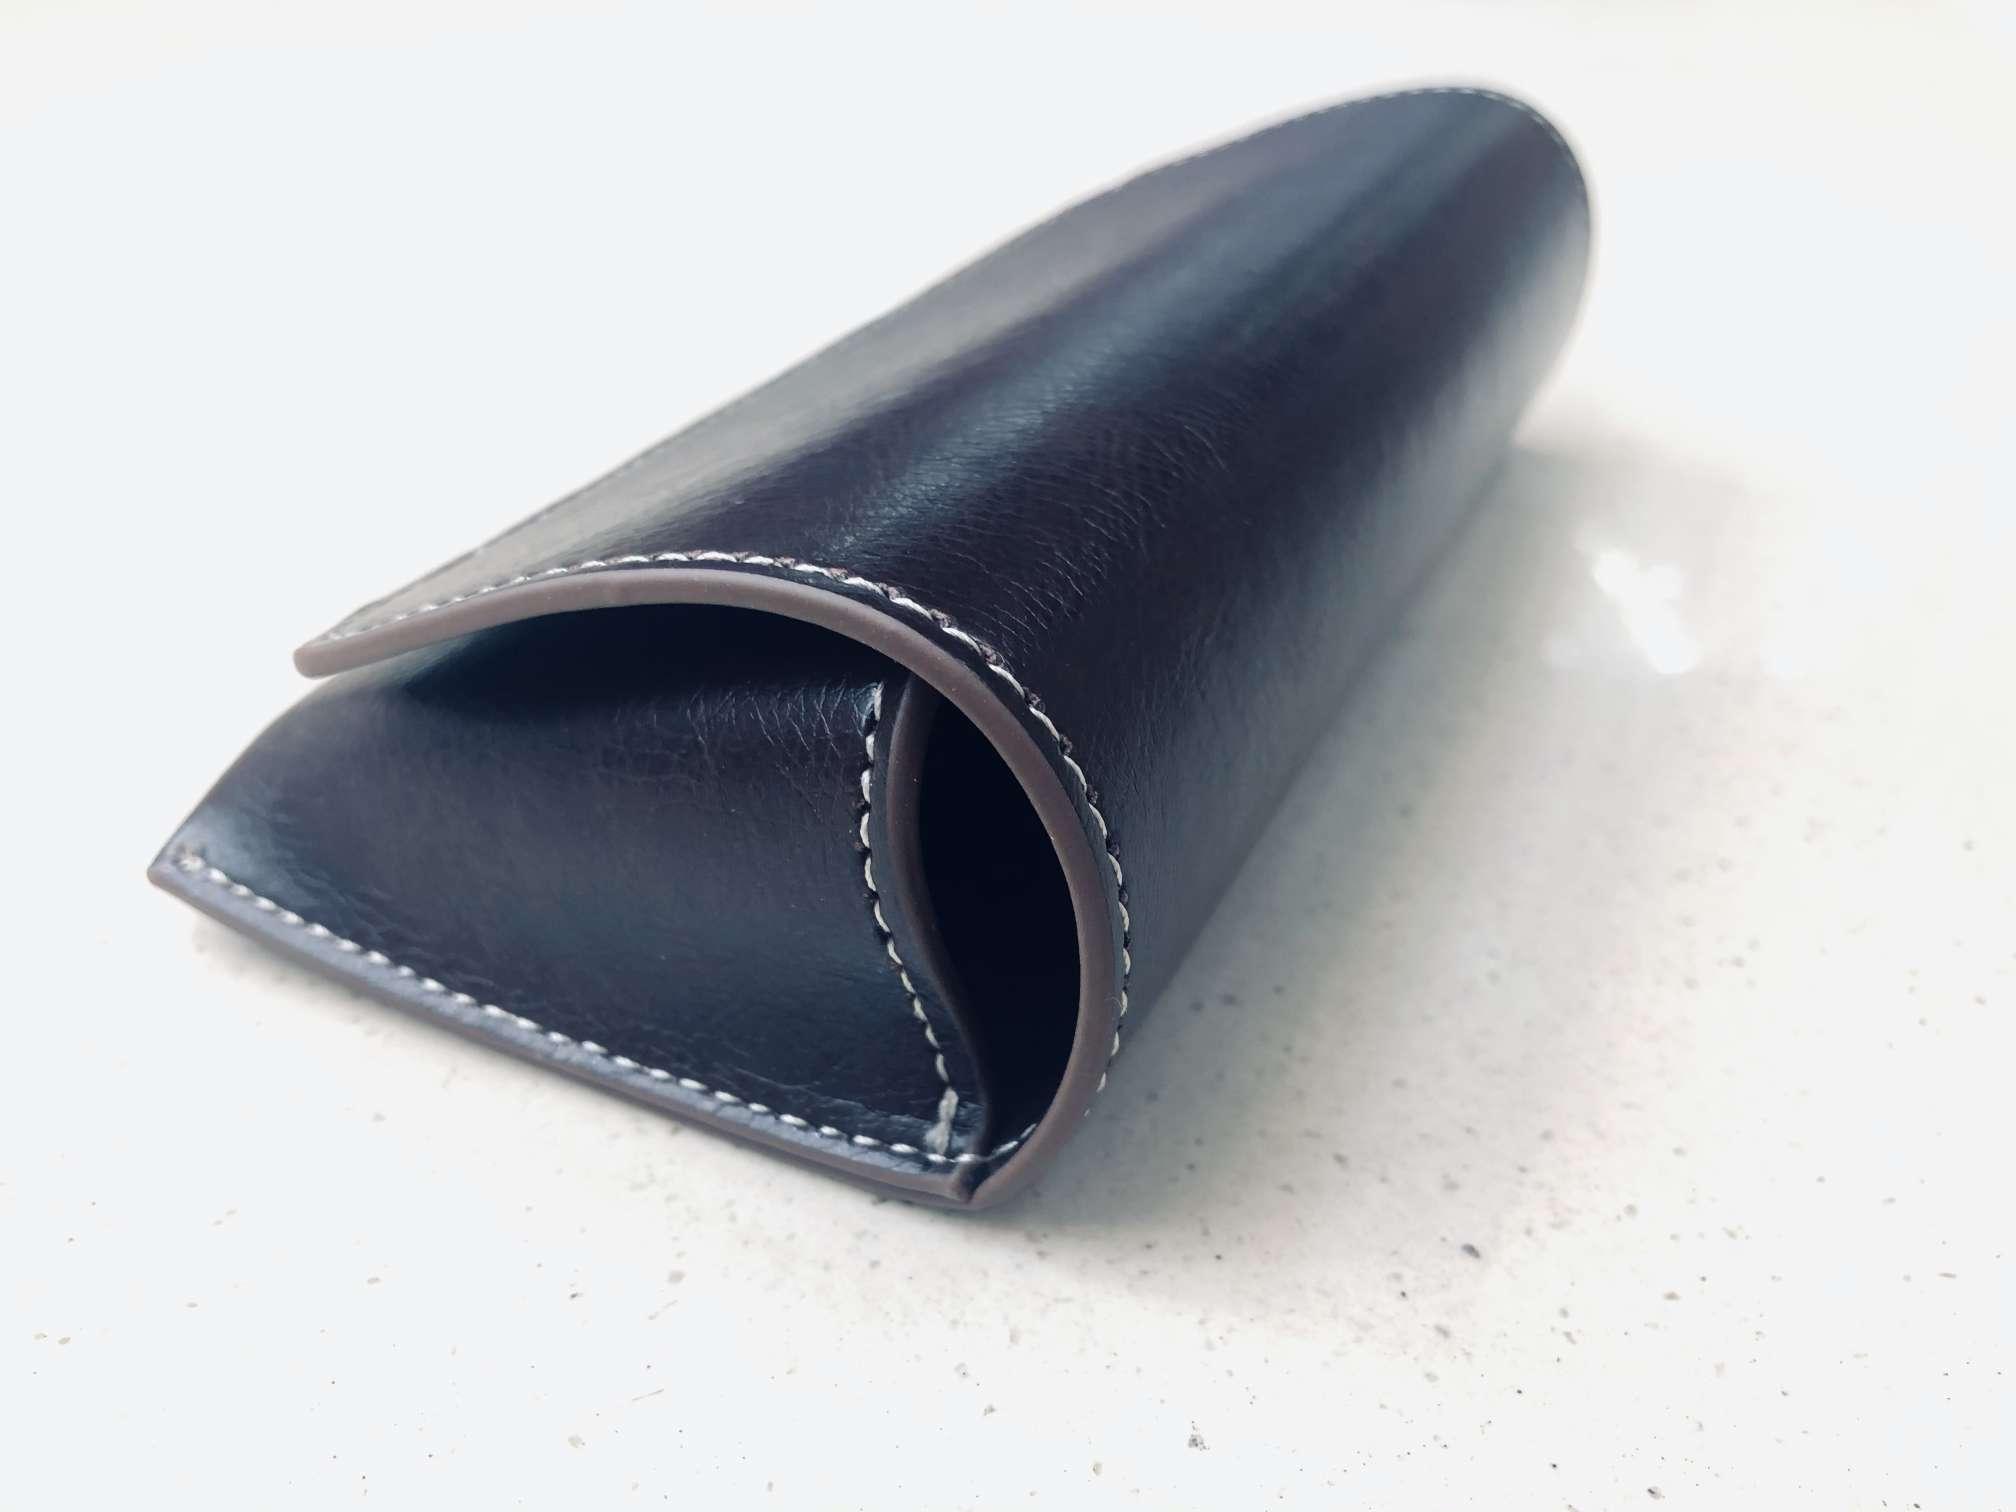 黑色亮皮翻盖磁铁踩线眼镜盒14